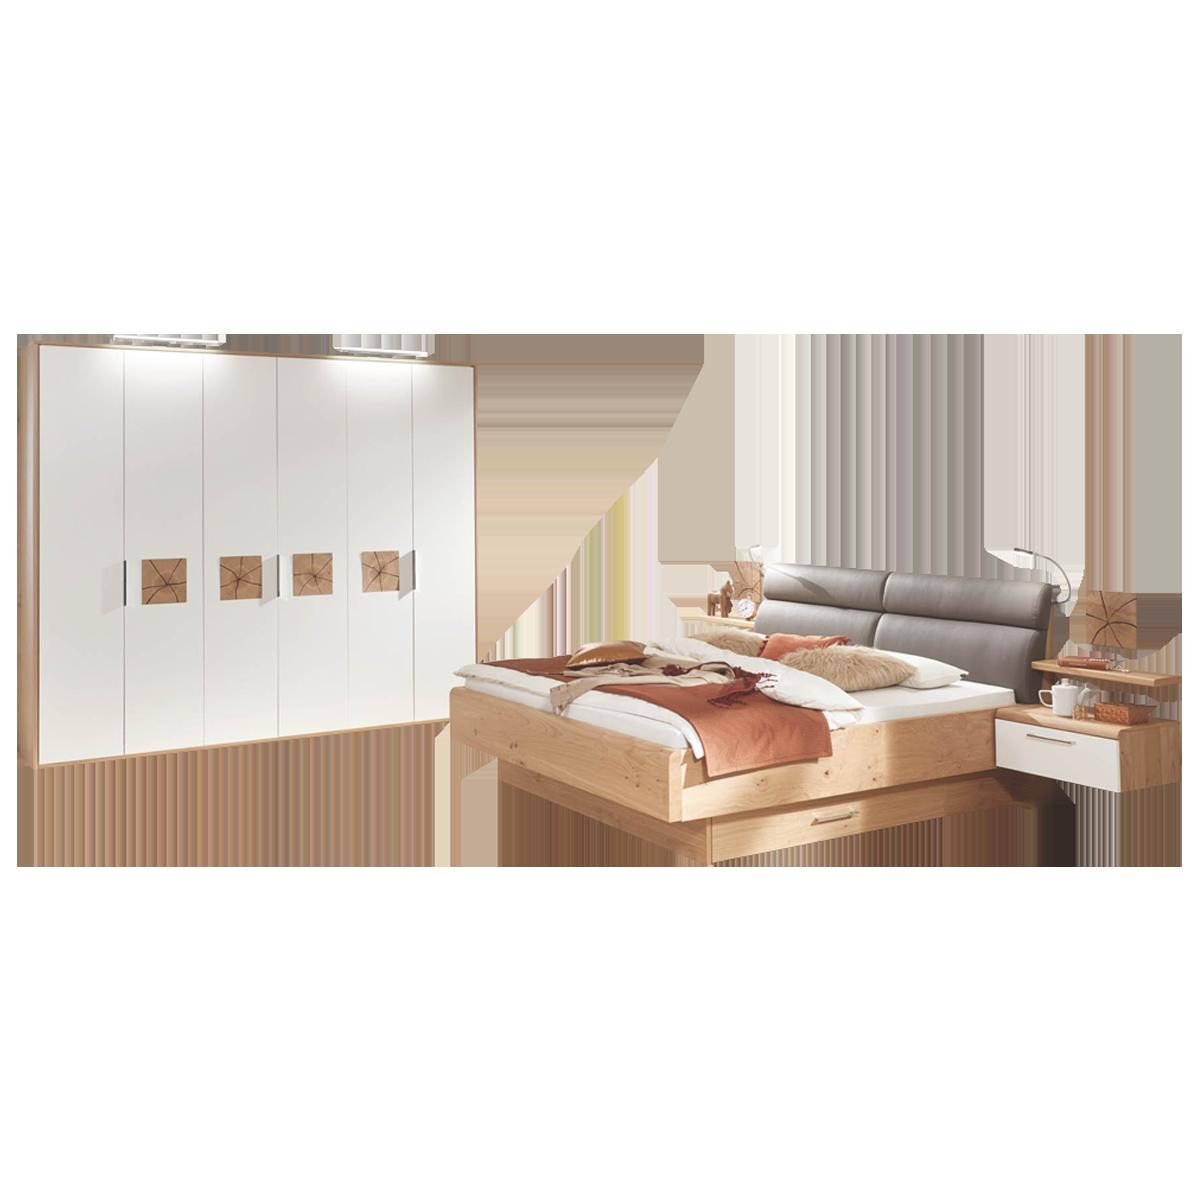 Disselkamp Cena Schlafzimmer Doppelbett Drehtürenschrank Nachtkonsolen